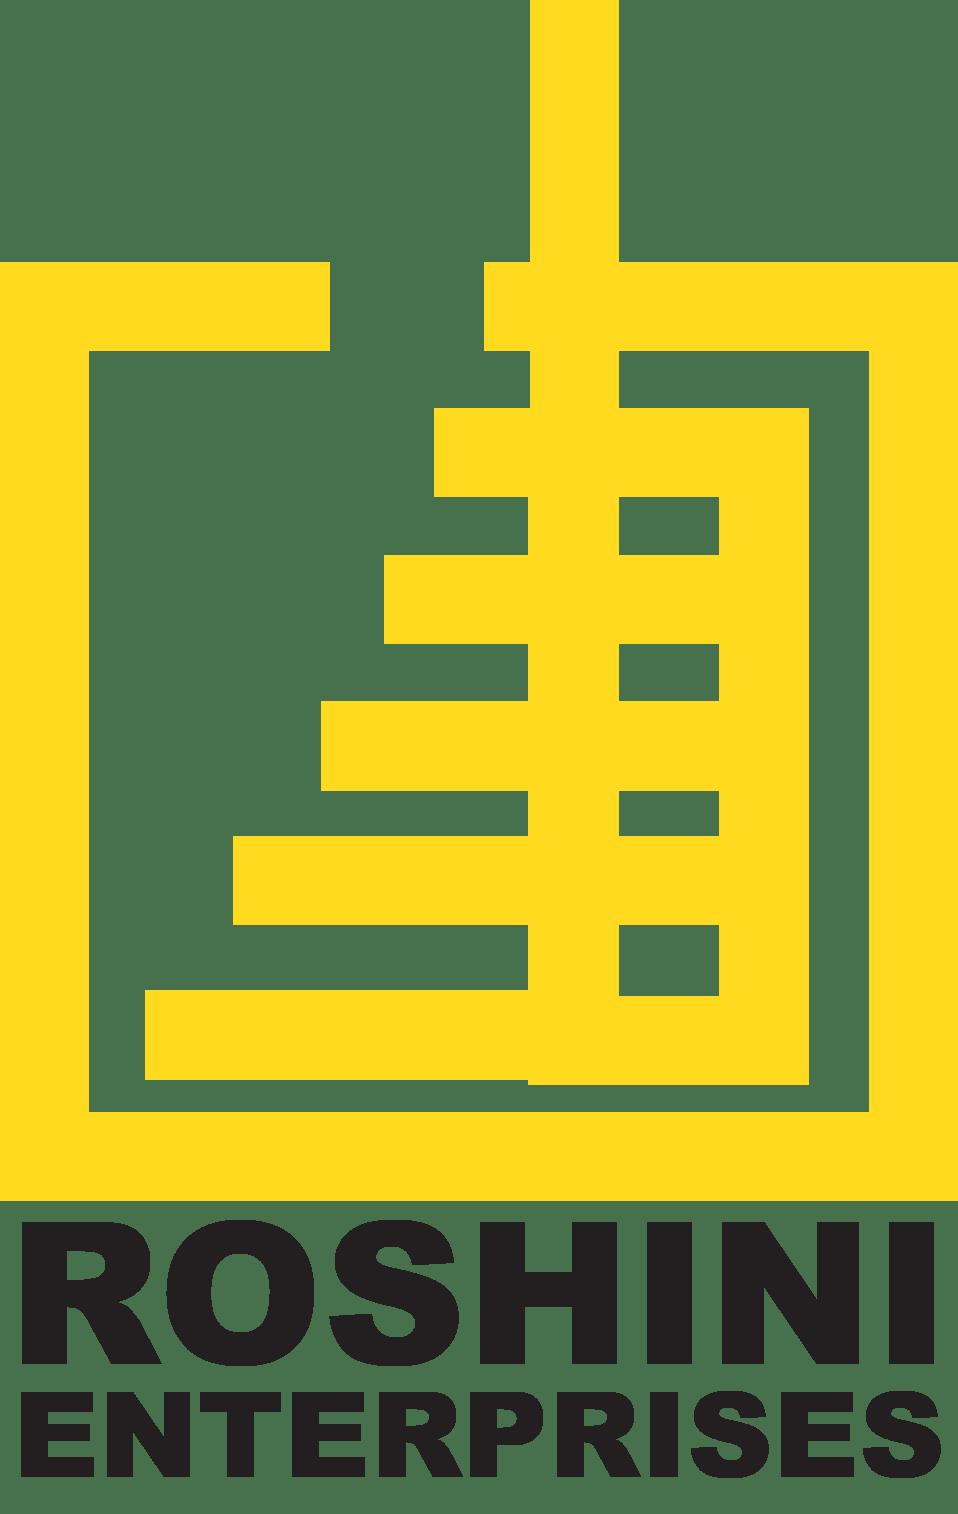 Roshini Enterprises